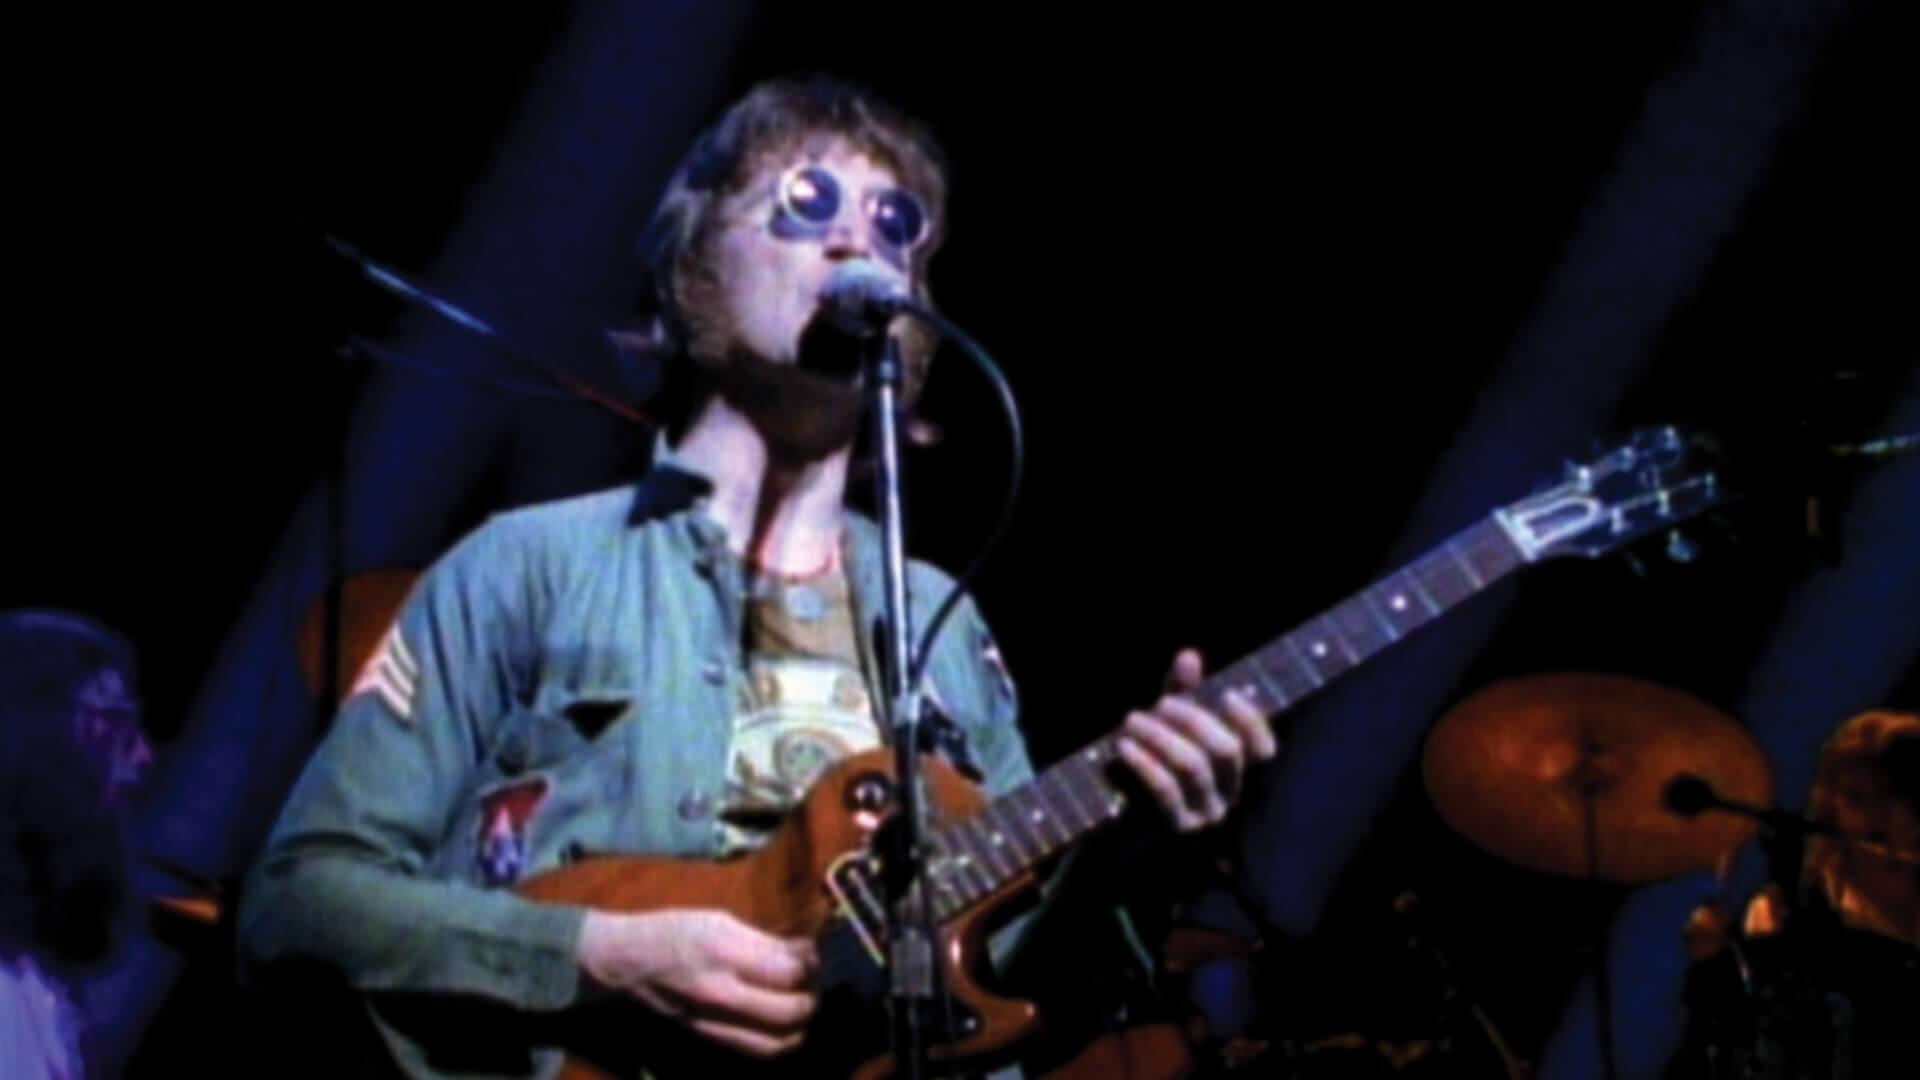 john lennon playing guitar and singing